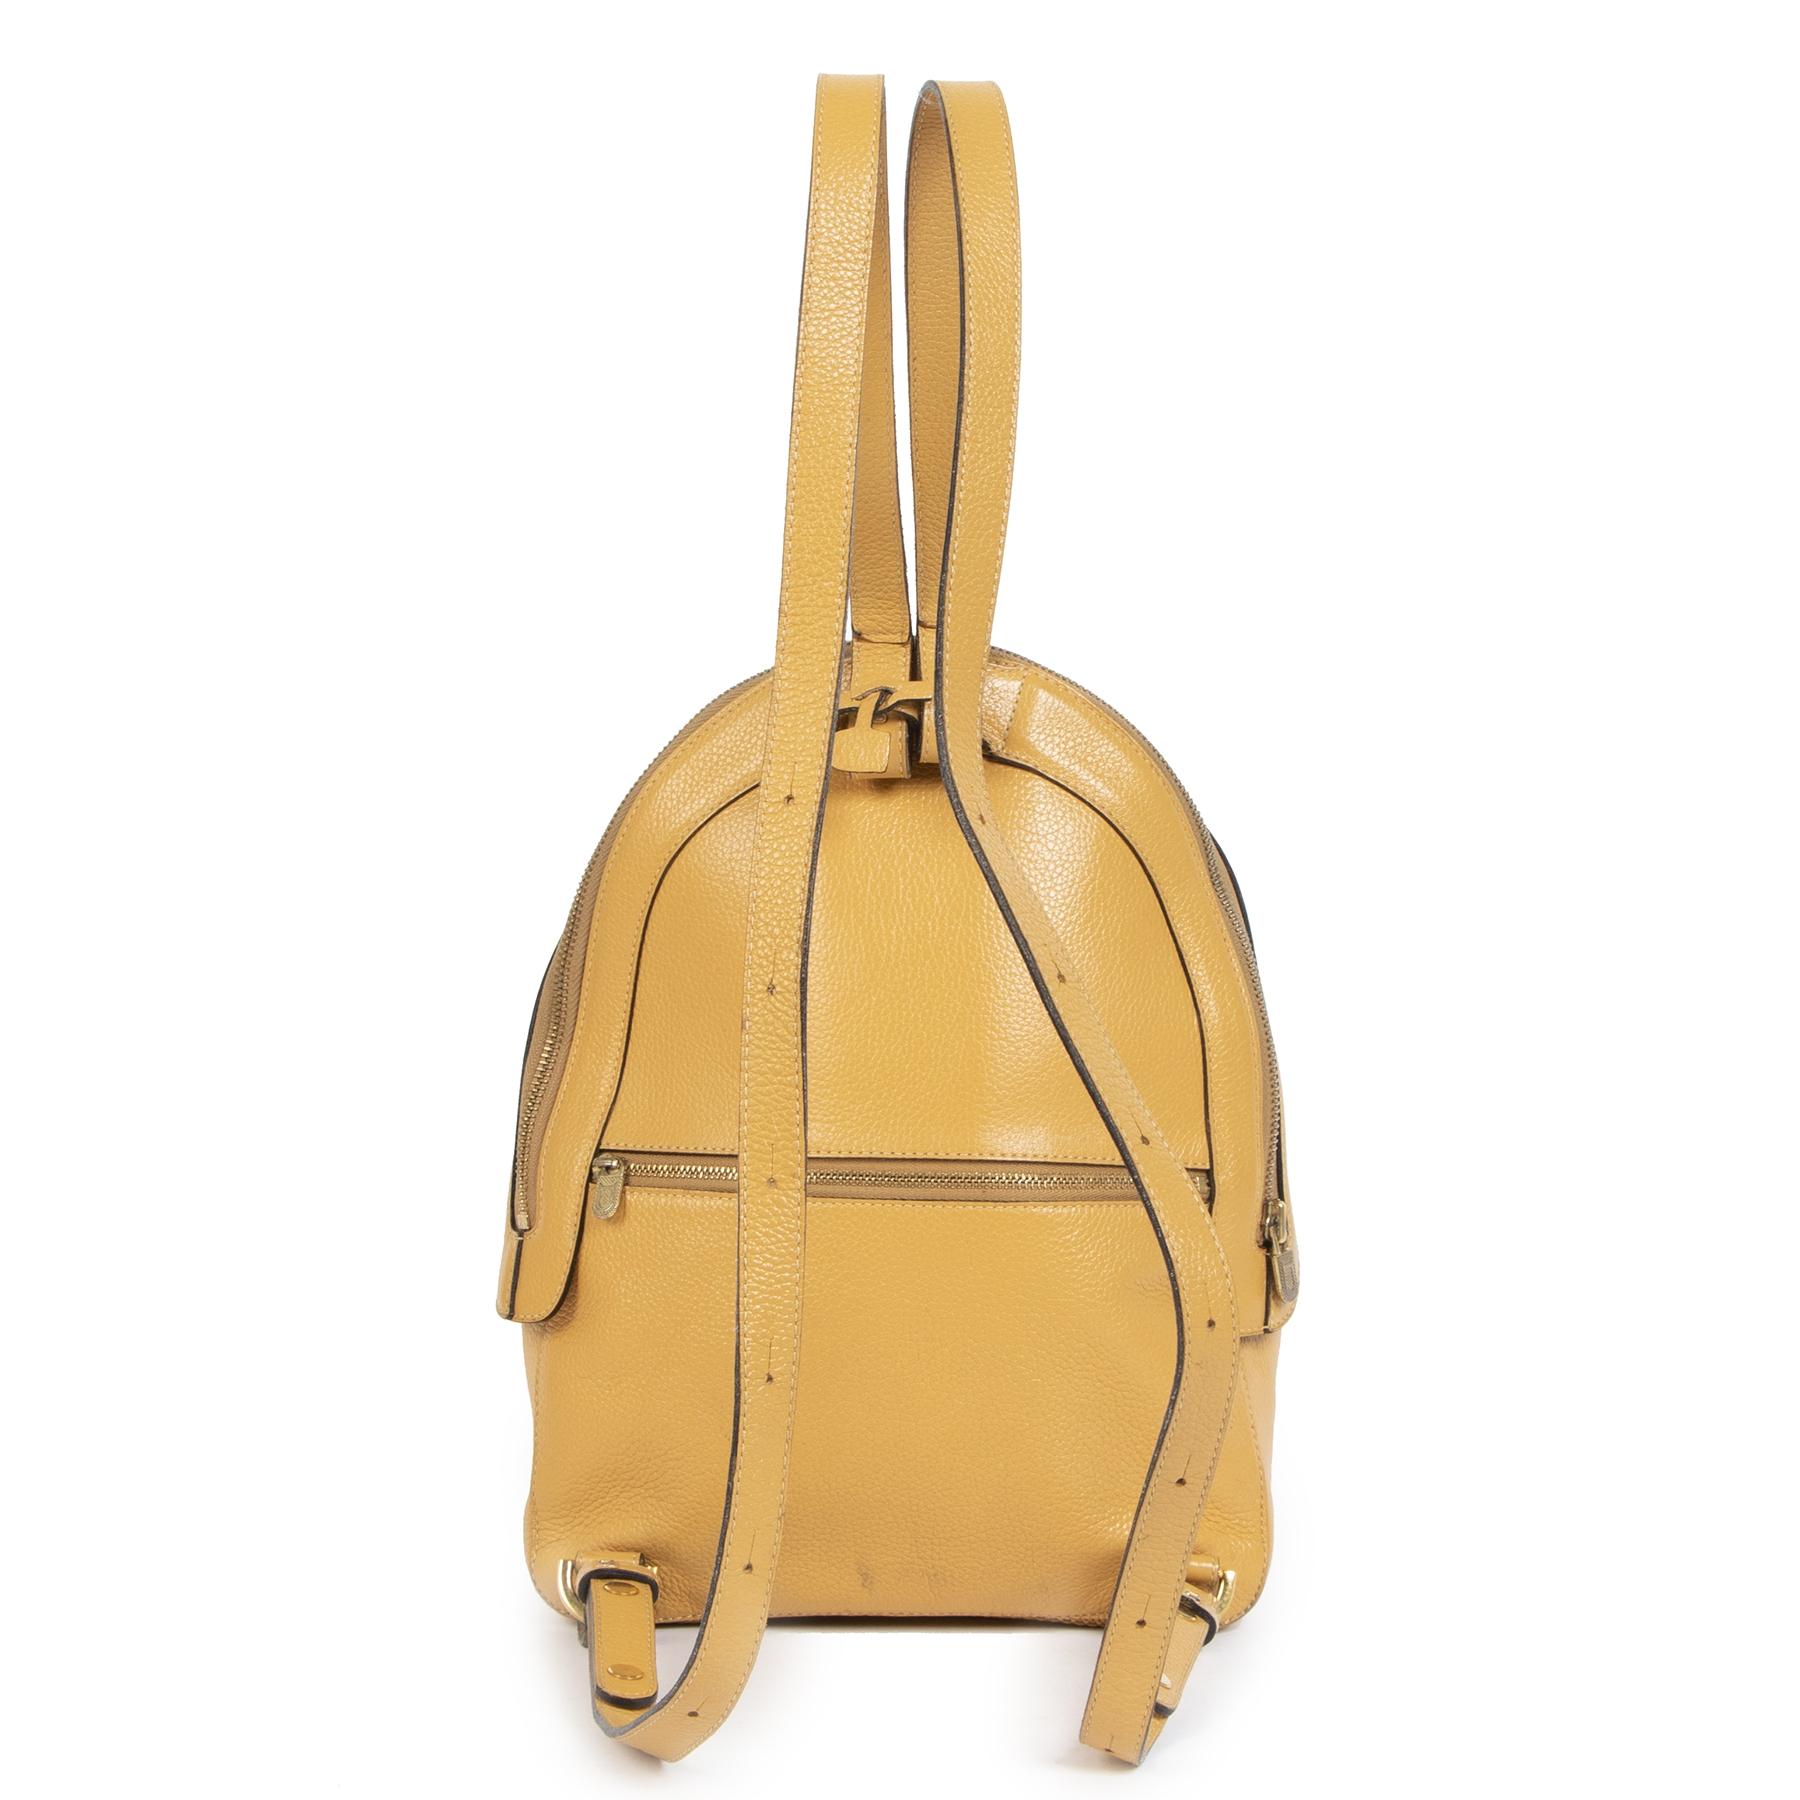 Authentieke Tweedehands Delvaux Ochre Yellow Azov Backpack juiste prijs veilig online shoppen luxe merken webshop winkelen Antwerpen België mode fashion